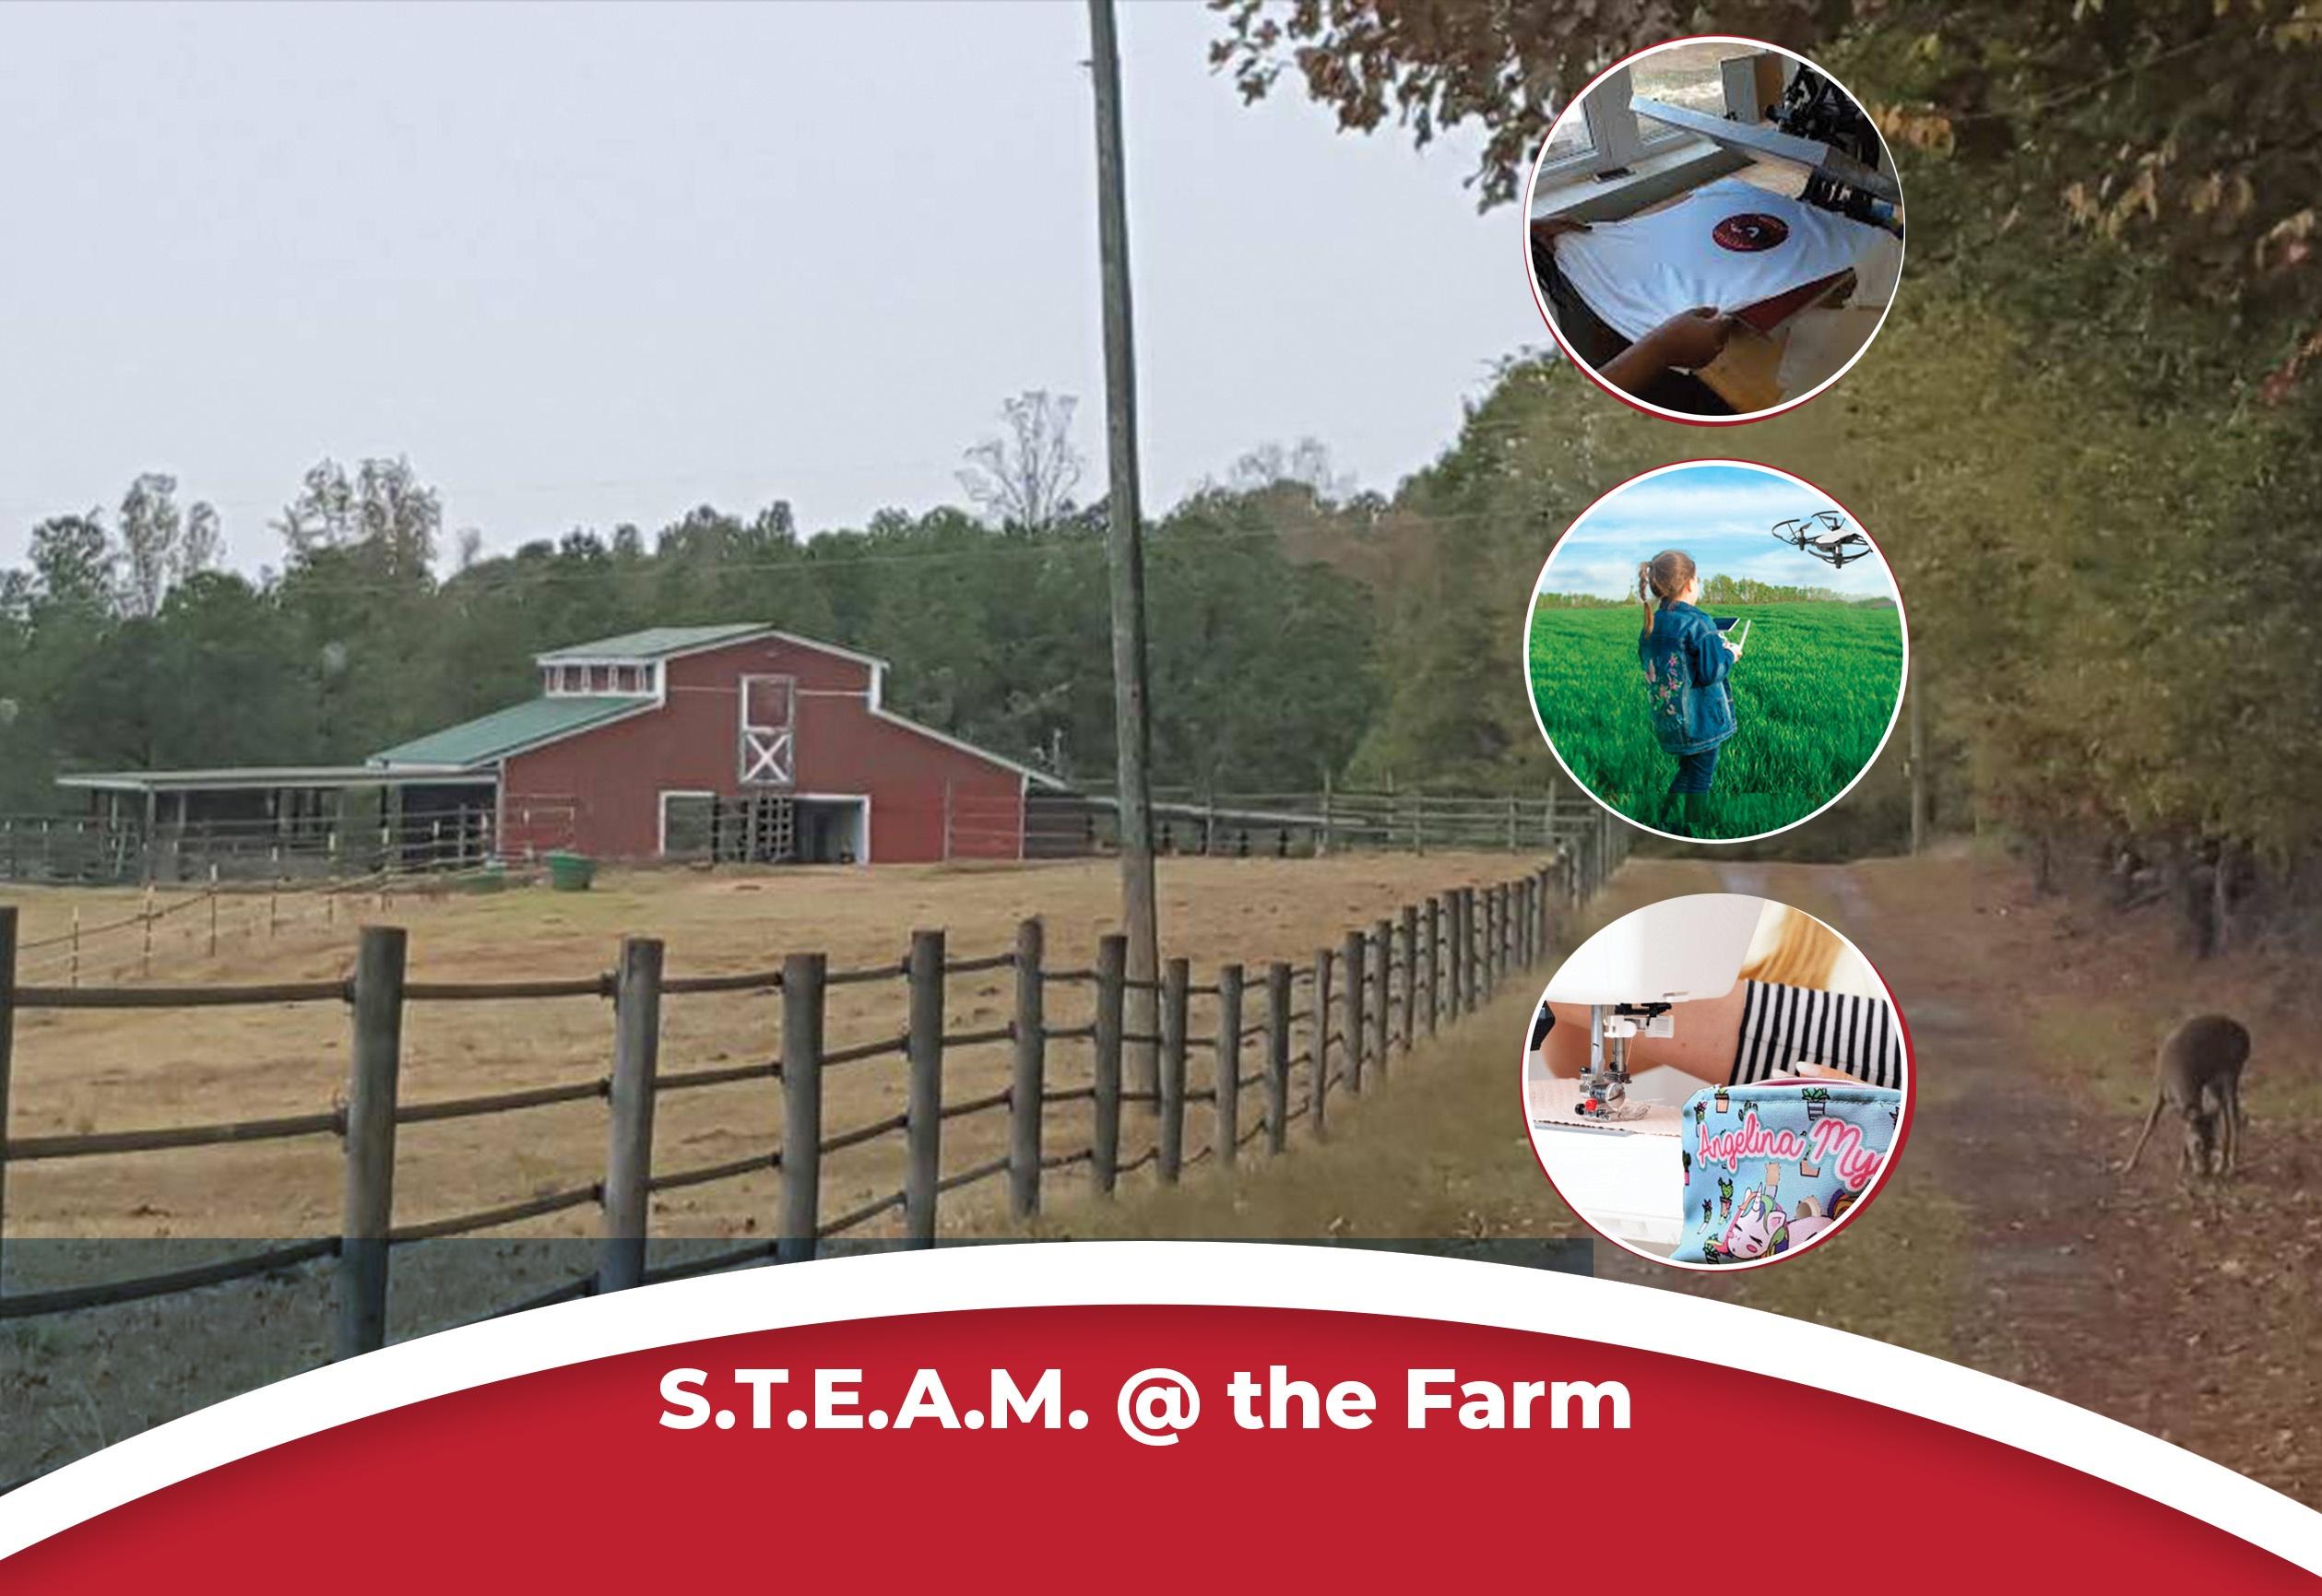 S.T.E.A.M @ the Farm